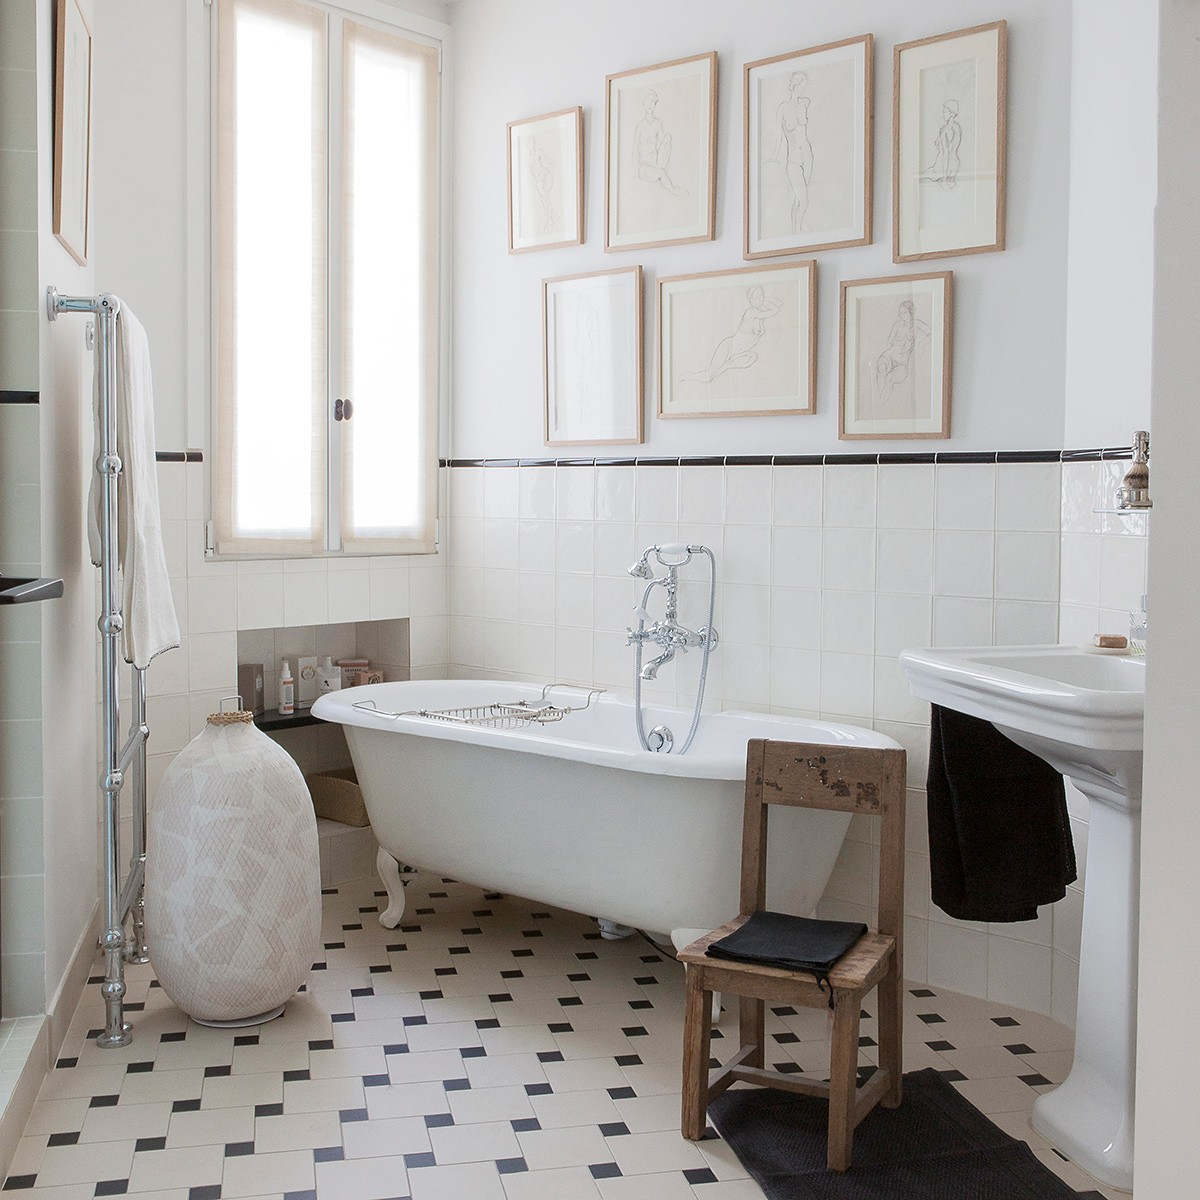 Schwarz Und Weiss Bild 6 Grosse Badezimmer Badezimmer Schwarz Badewanne Dekoration